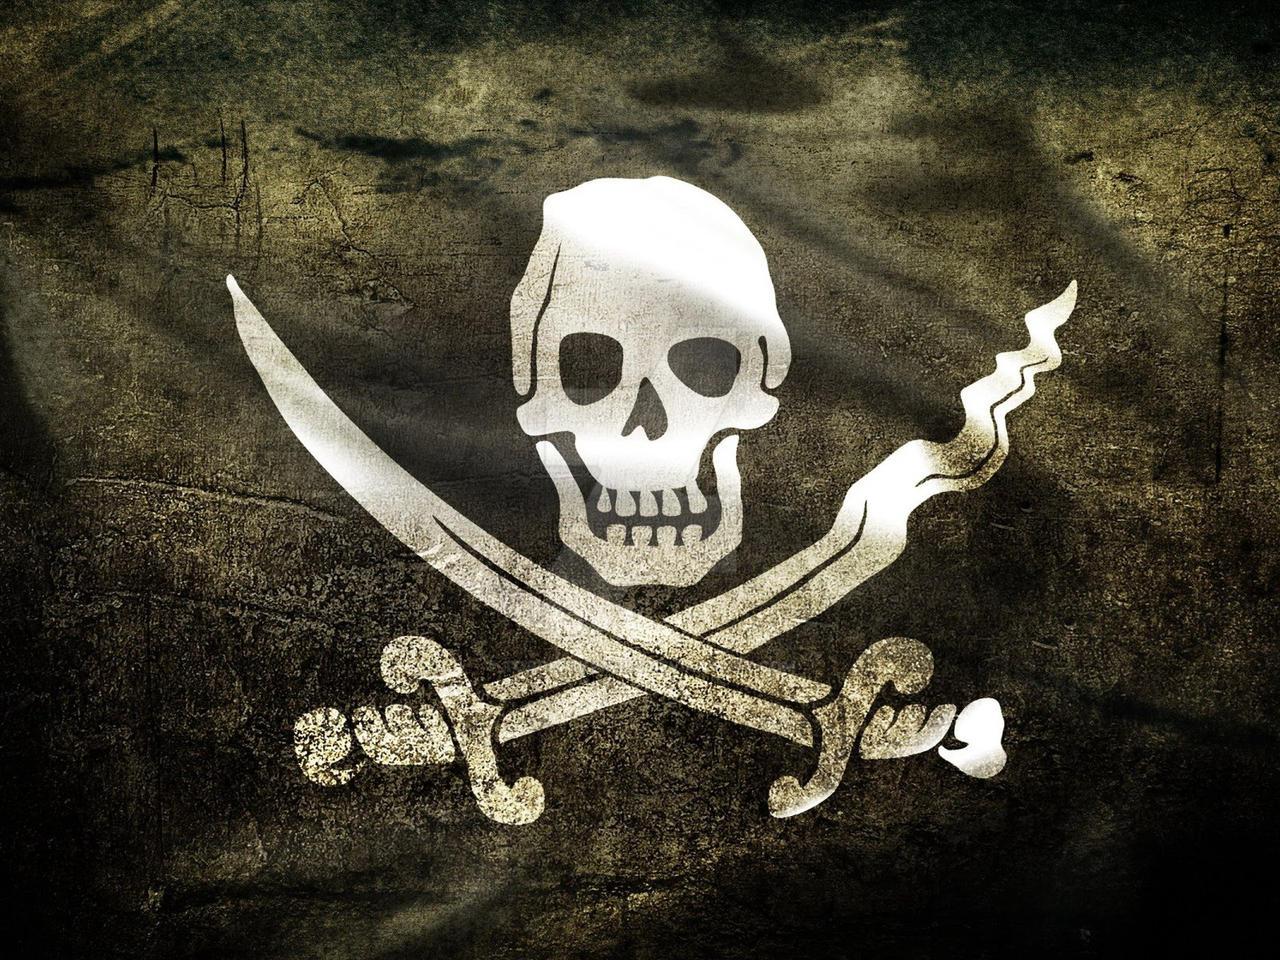 Pirate-ship-wallpaper-19-hd-1080p by